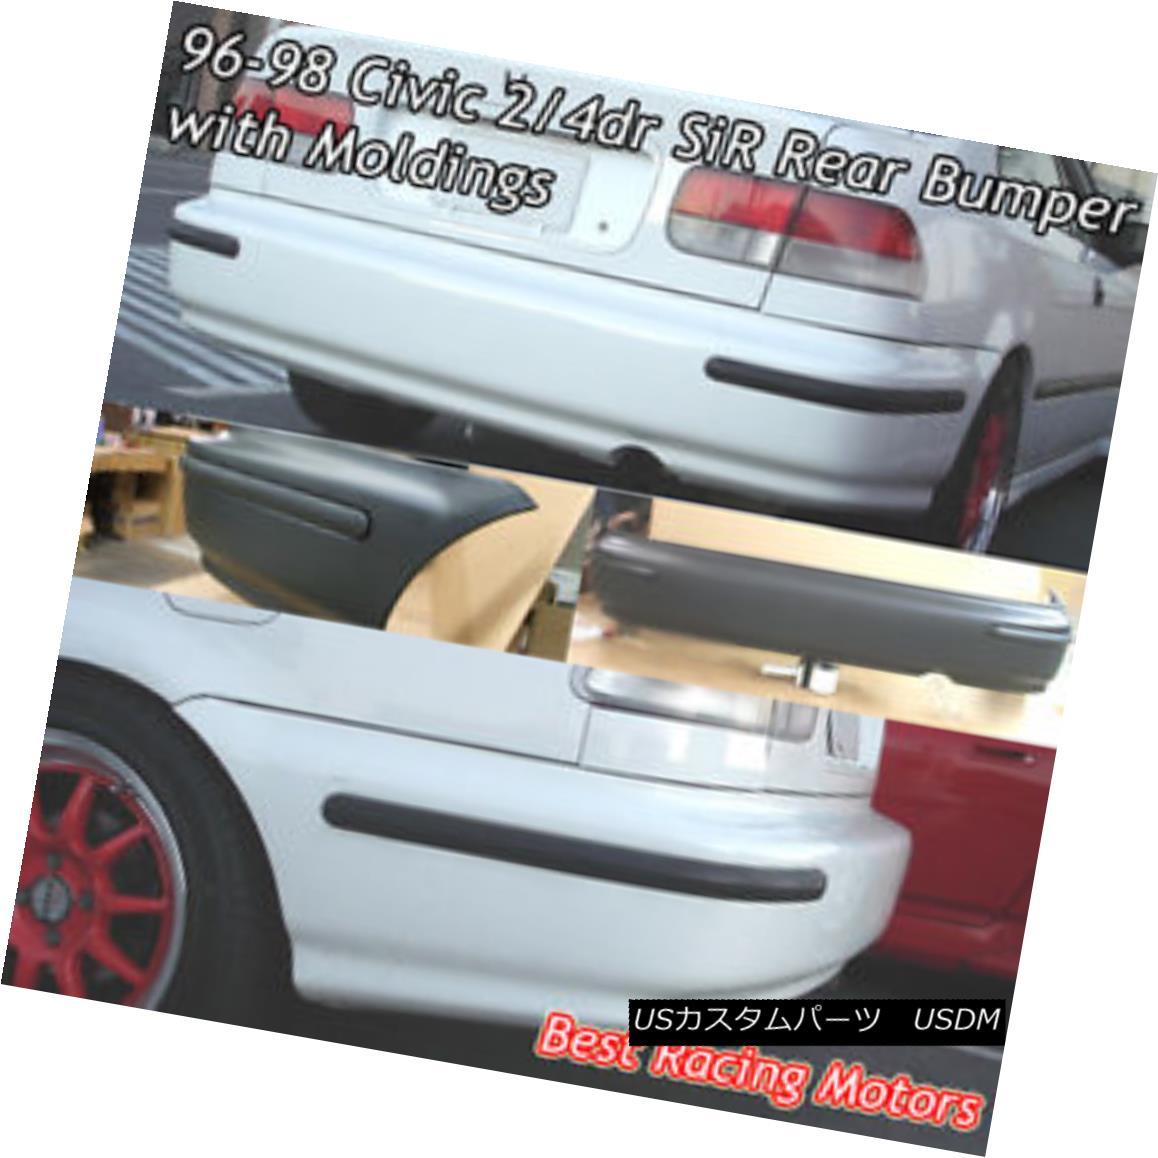 エアロパーツ SIR Style Rear Bumper Cover + JDM Molding Fits 96-98 Honda Civic 2/4dr SIRスタイルリアバンパーカバー+ JDMモールディング96-98 Honda Civic 2 / 4dr